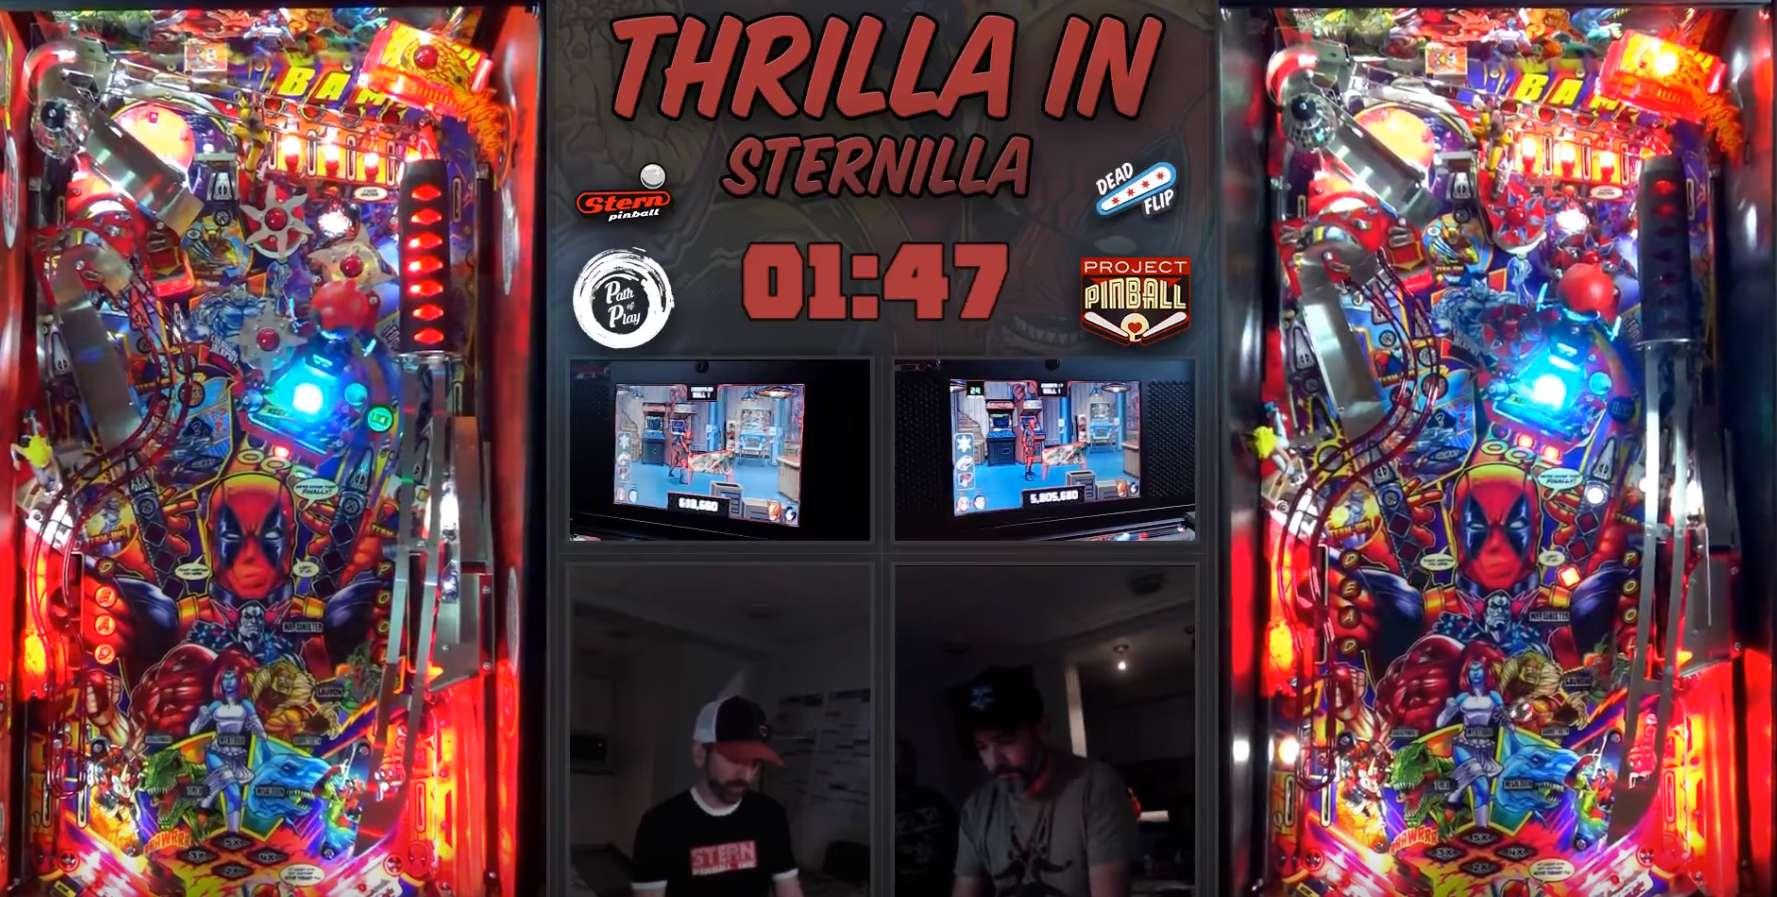 The Thrilla in Sternilla